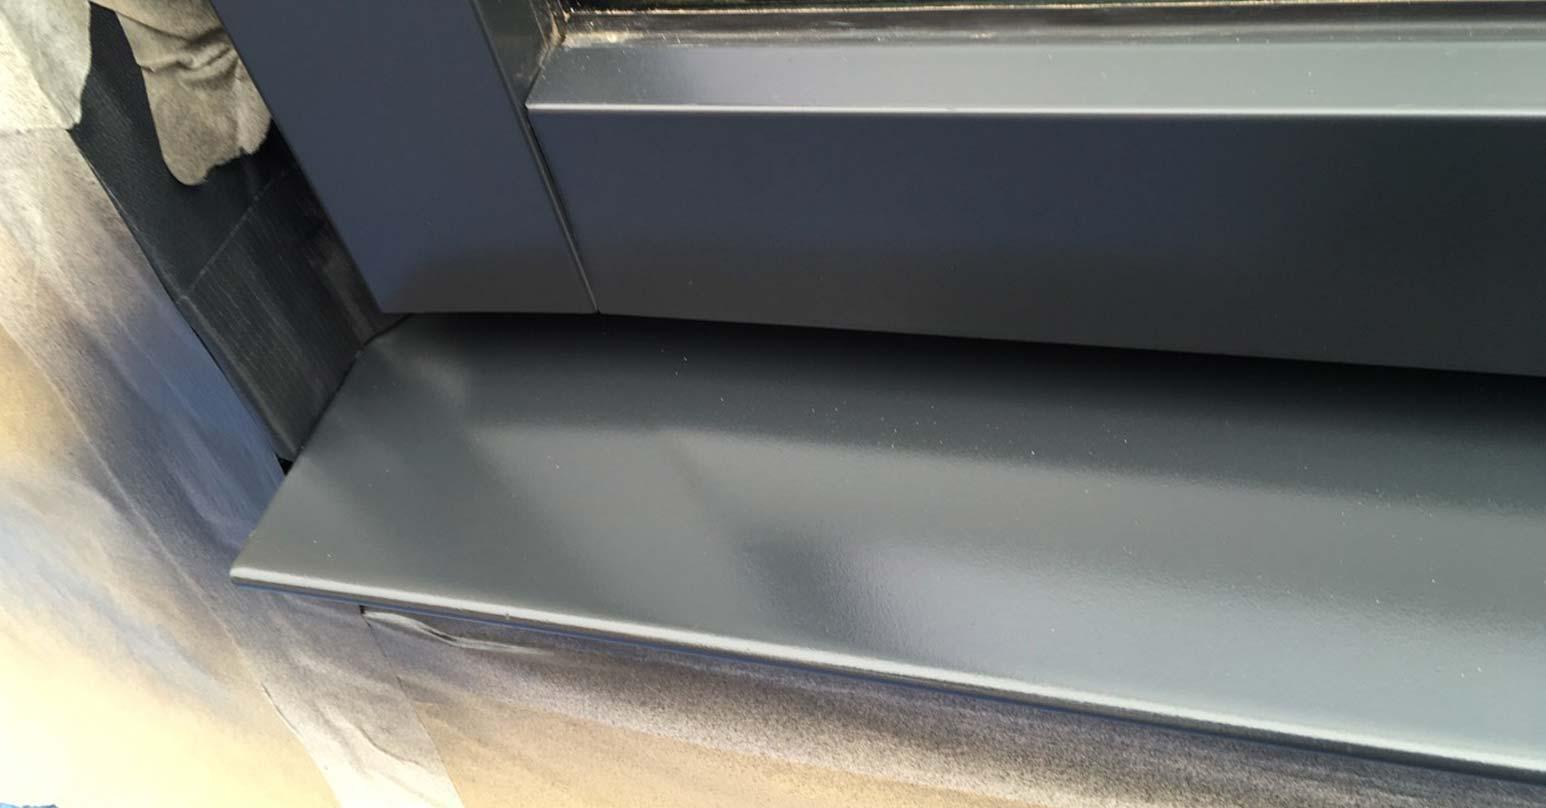 Metal window frame - After repair